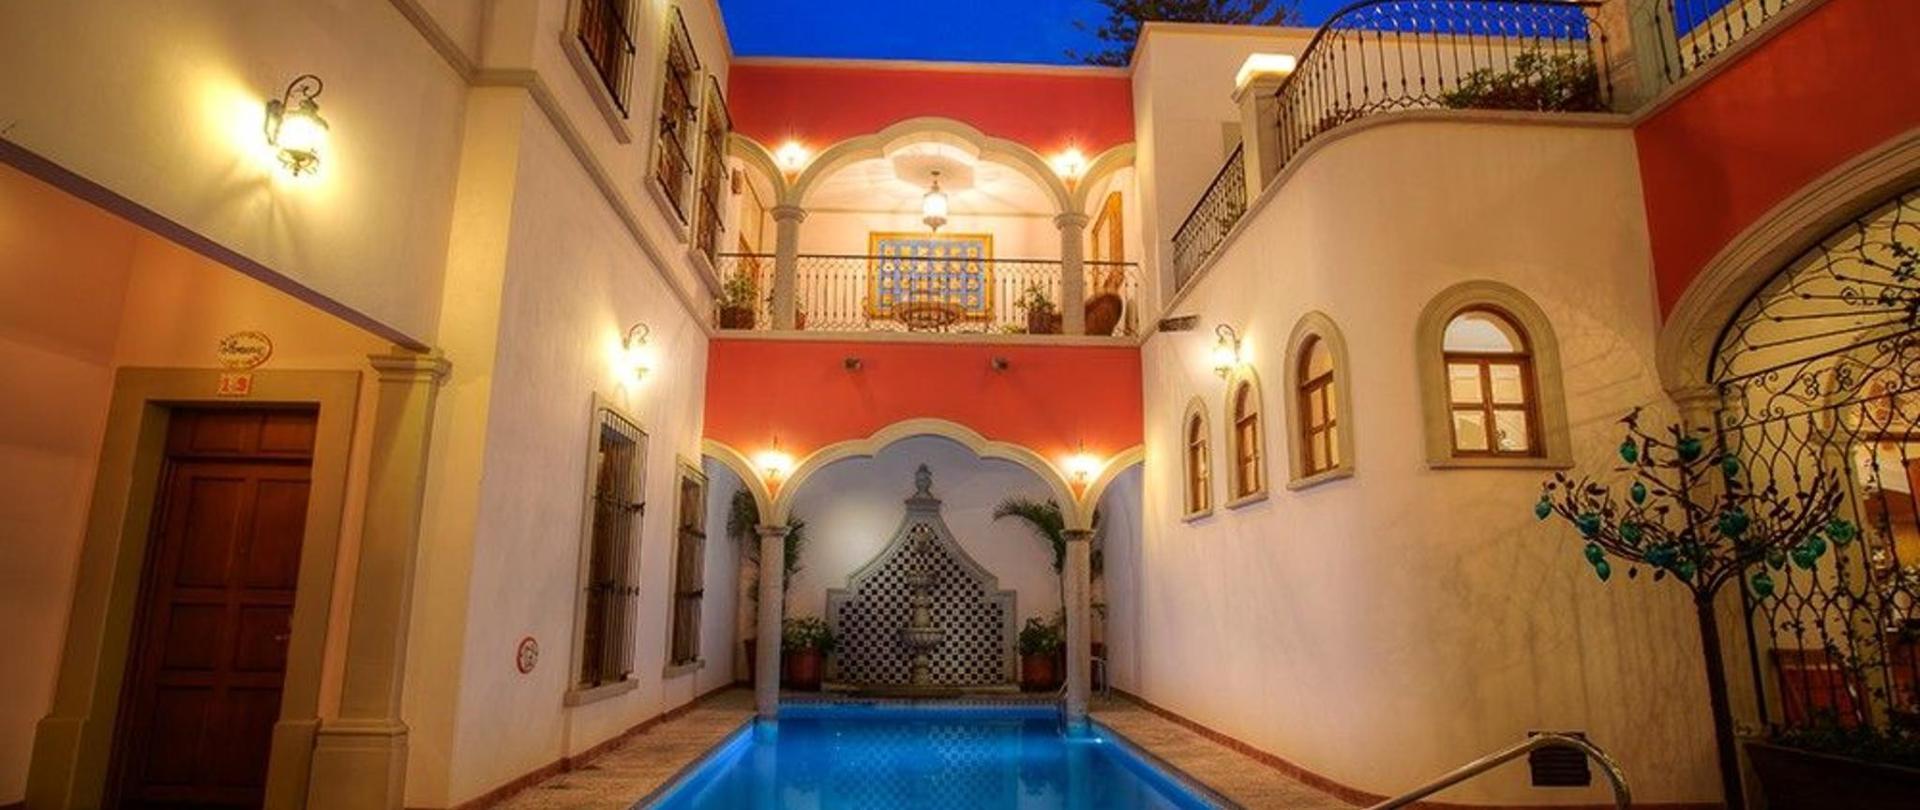 Gran Casa Sayula Gallery & SPA